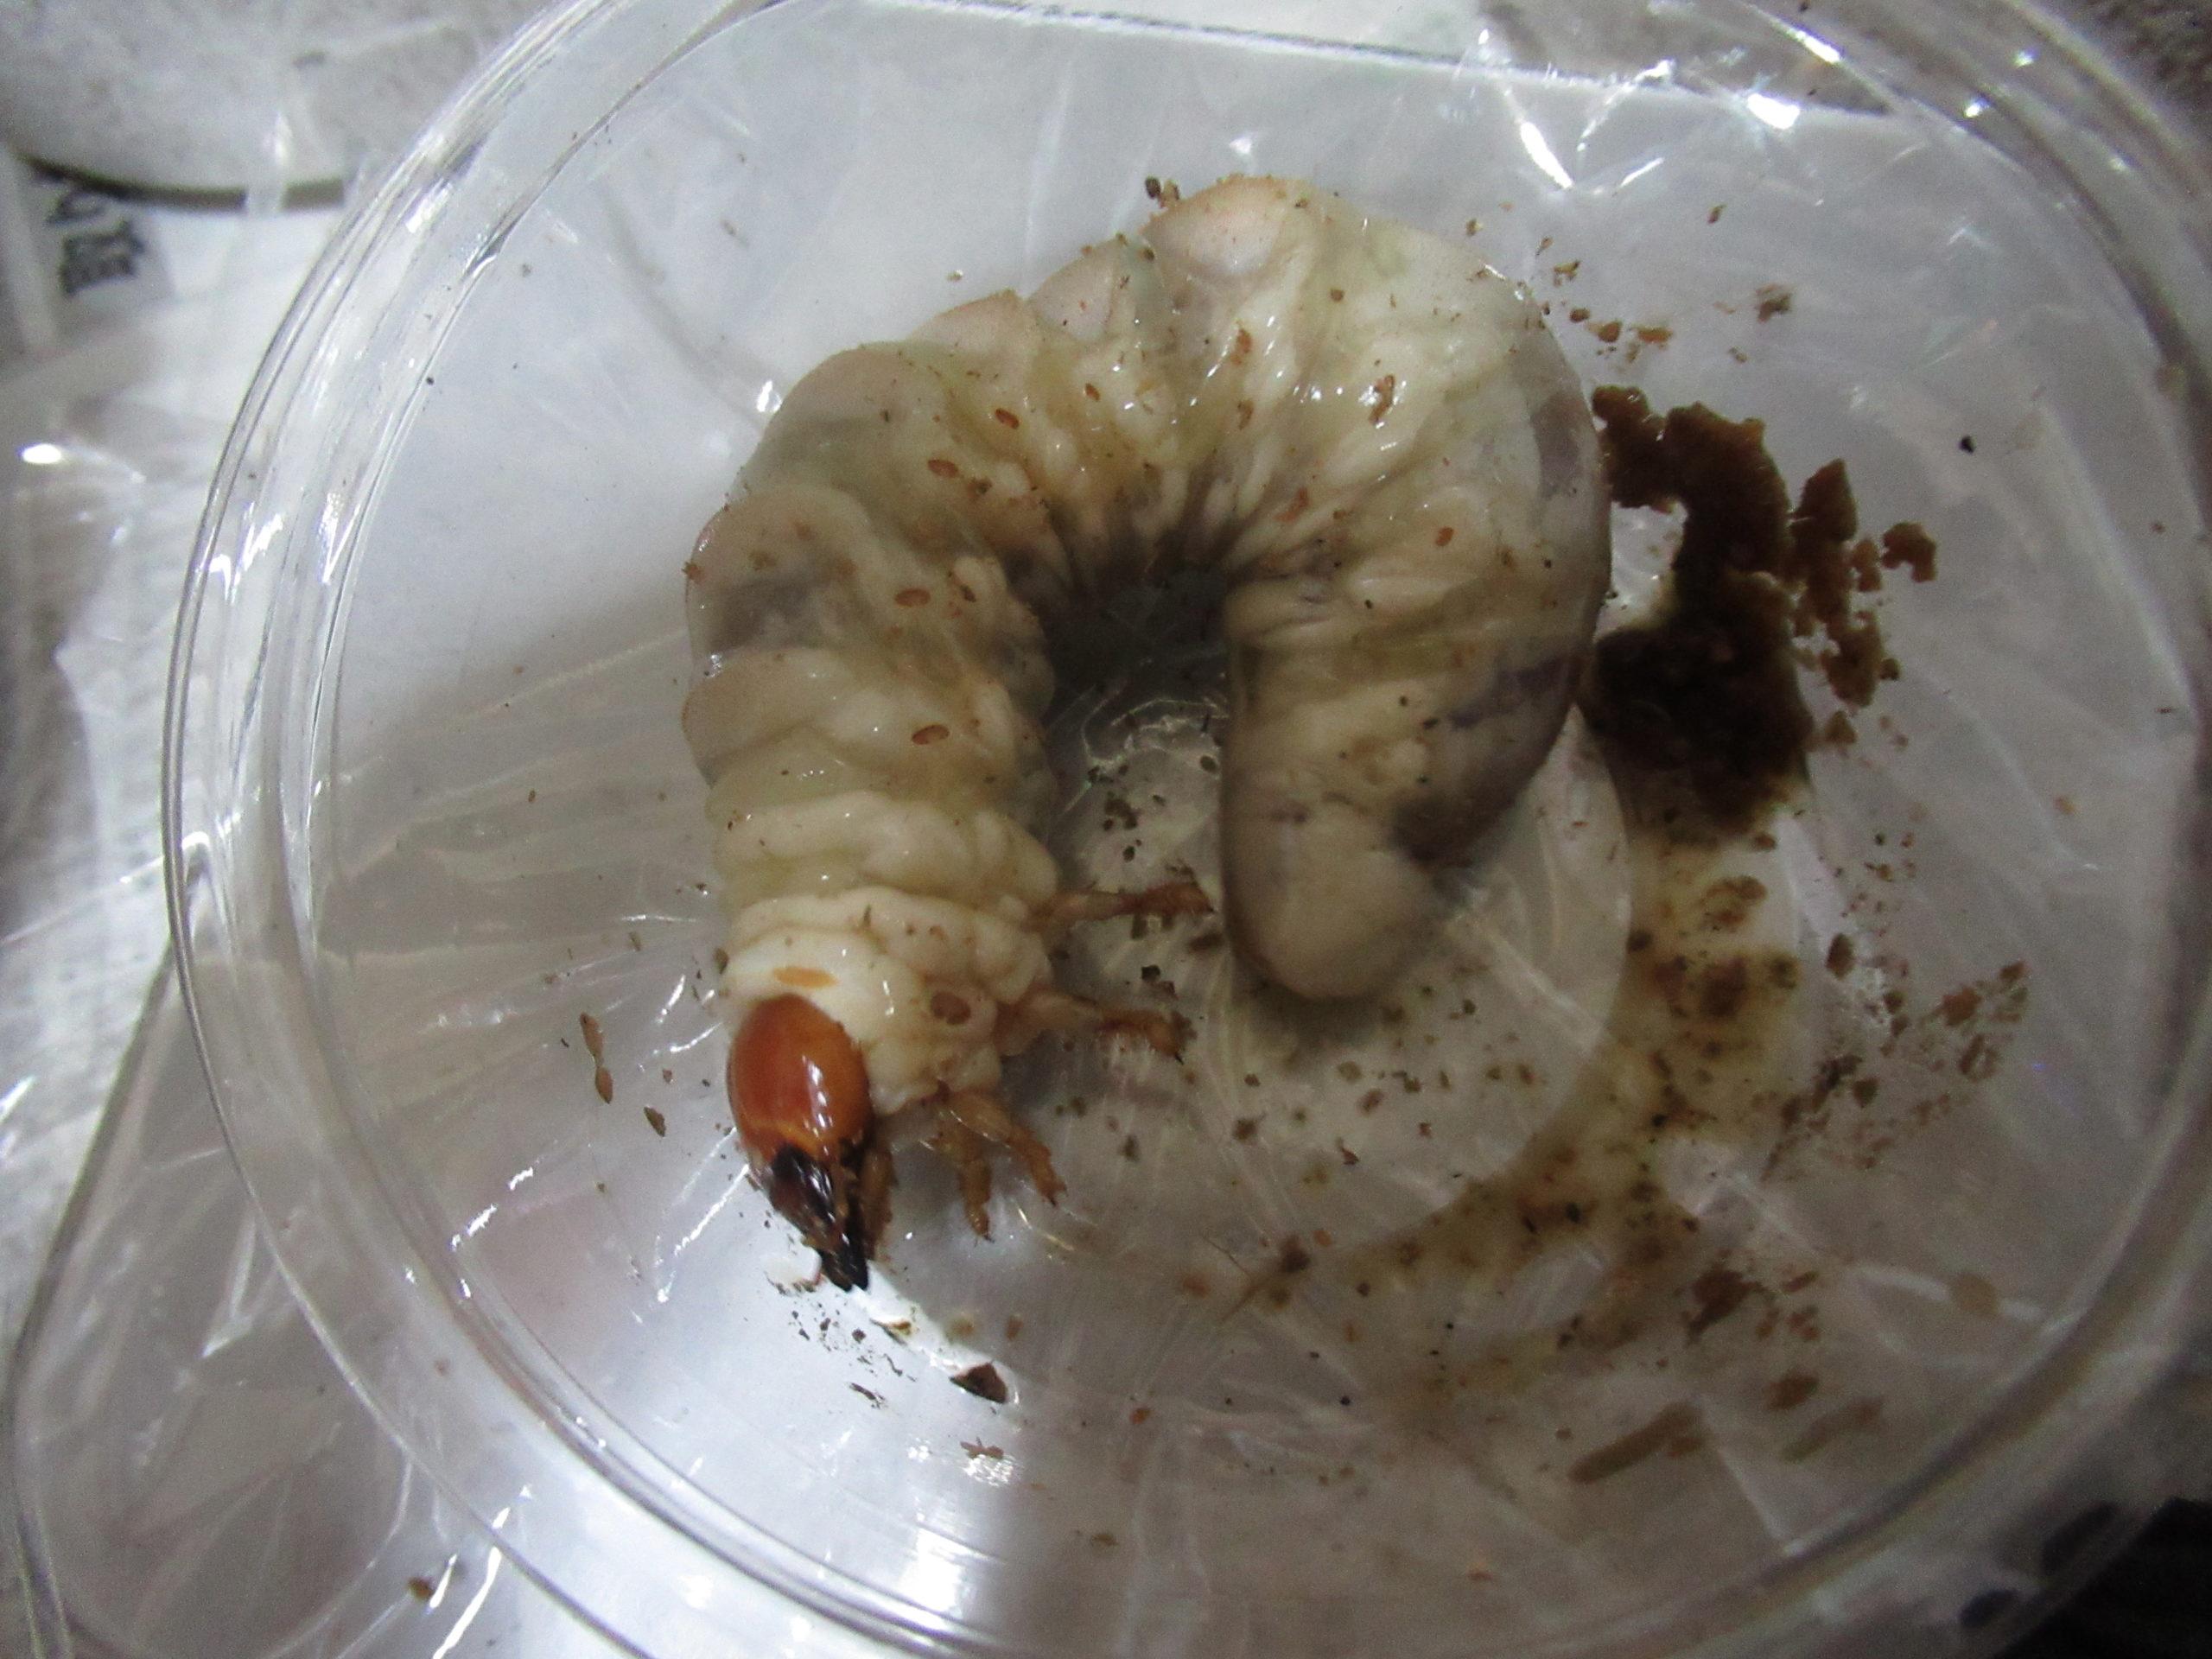 ホペイオオクワガタ幼虫の菌糸ビン交換2本目の結果